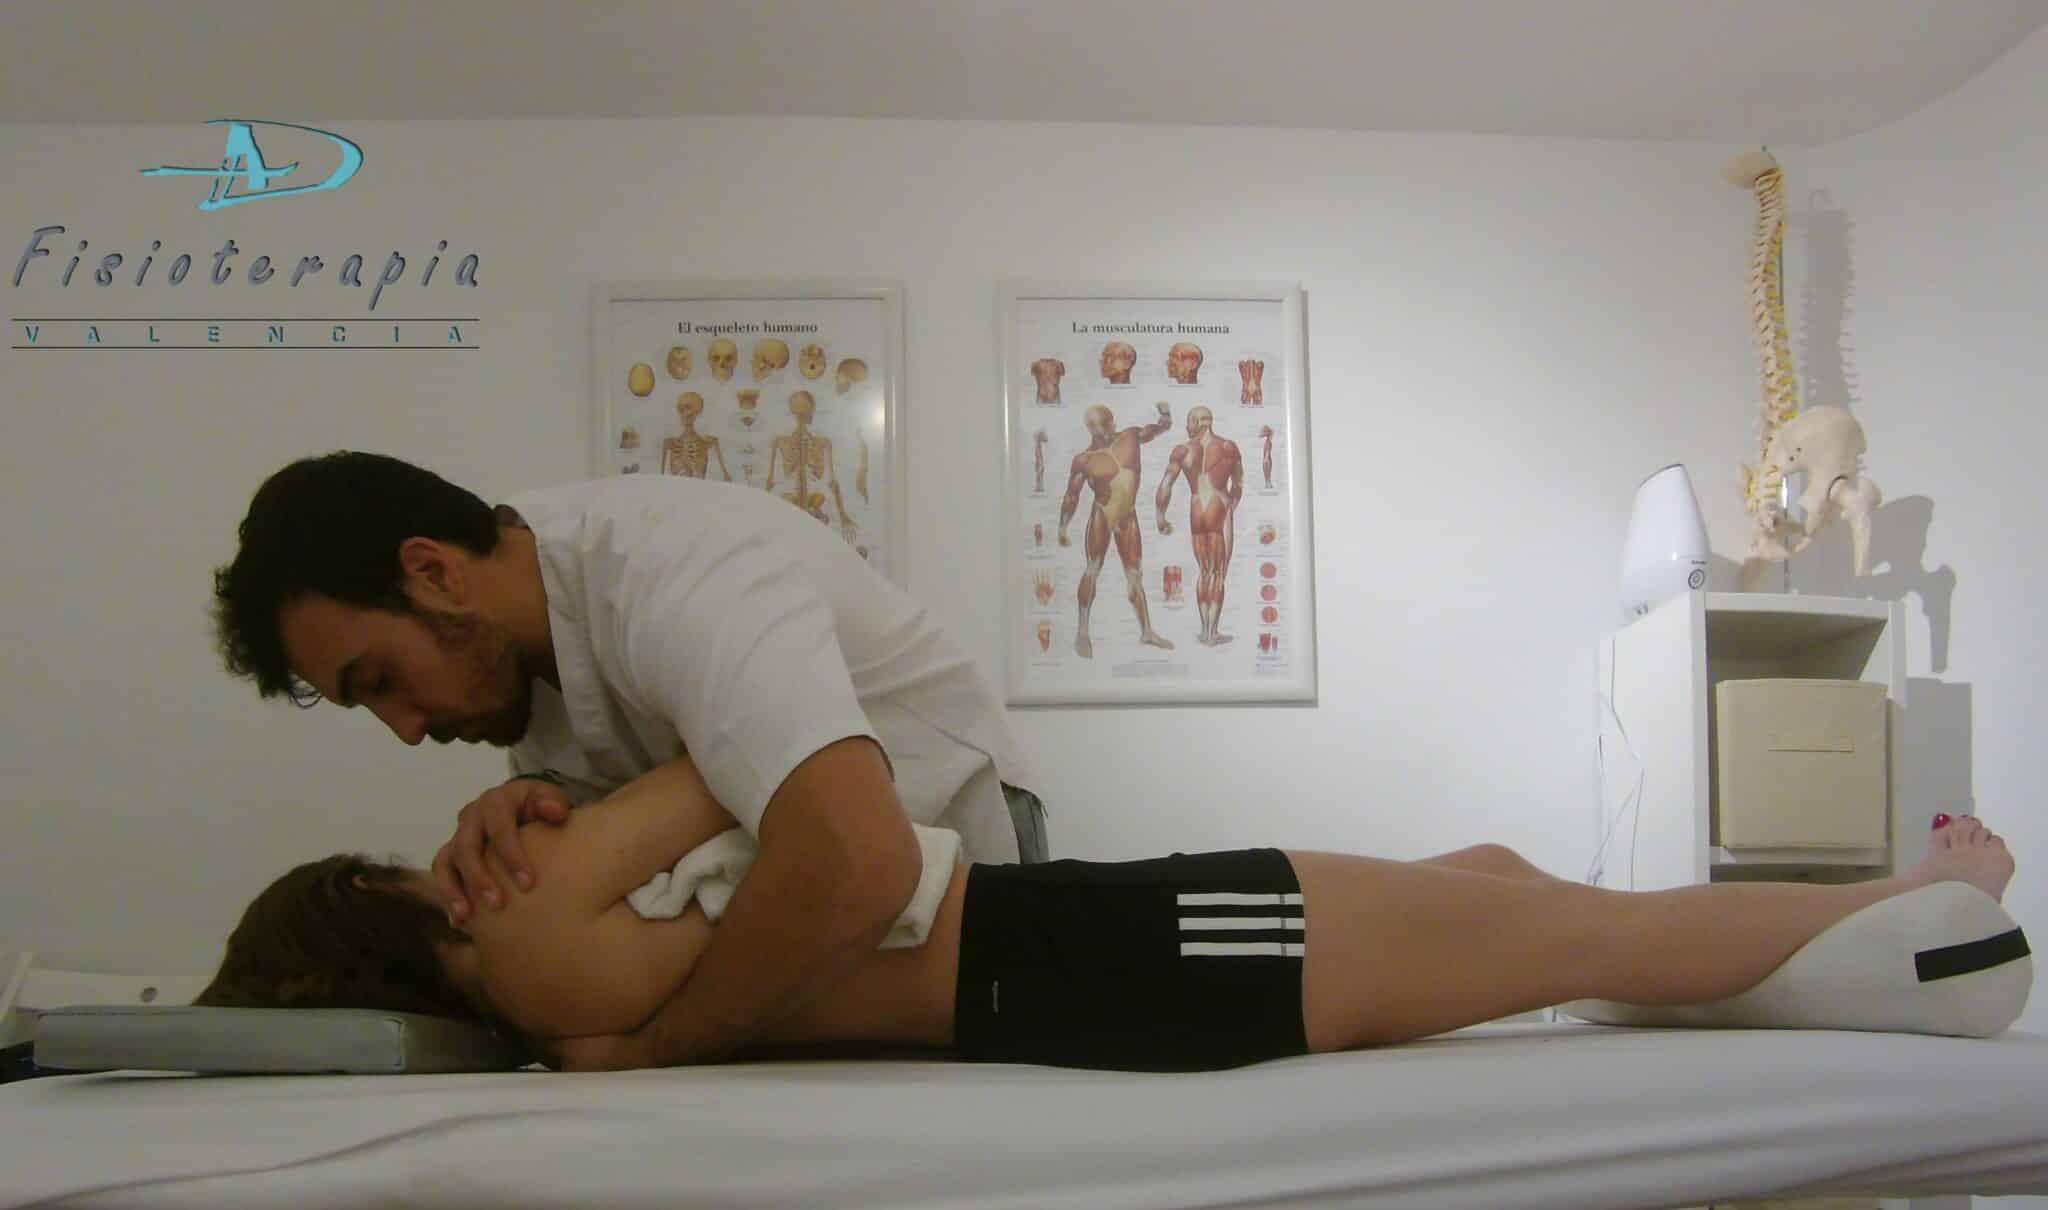 AD Fisioterapia Valencia manipulación